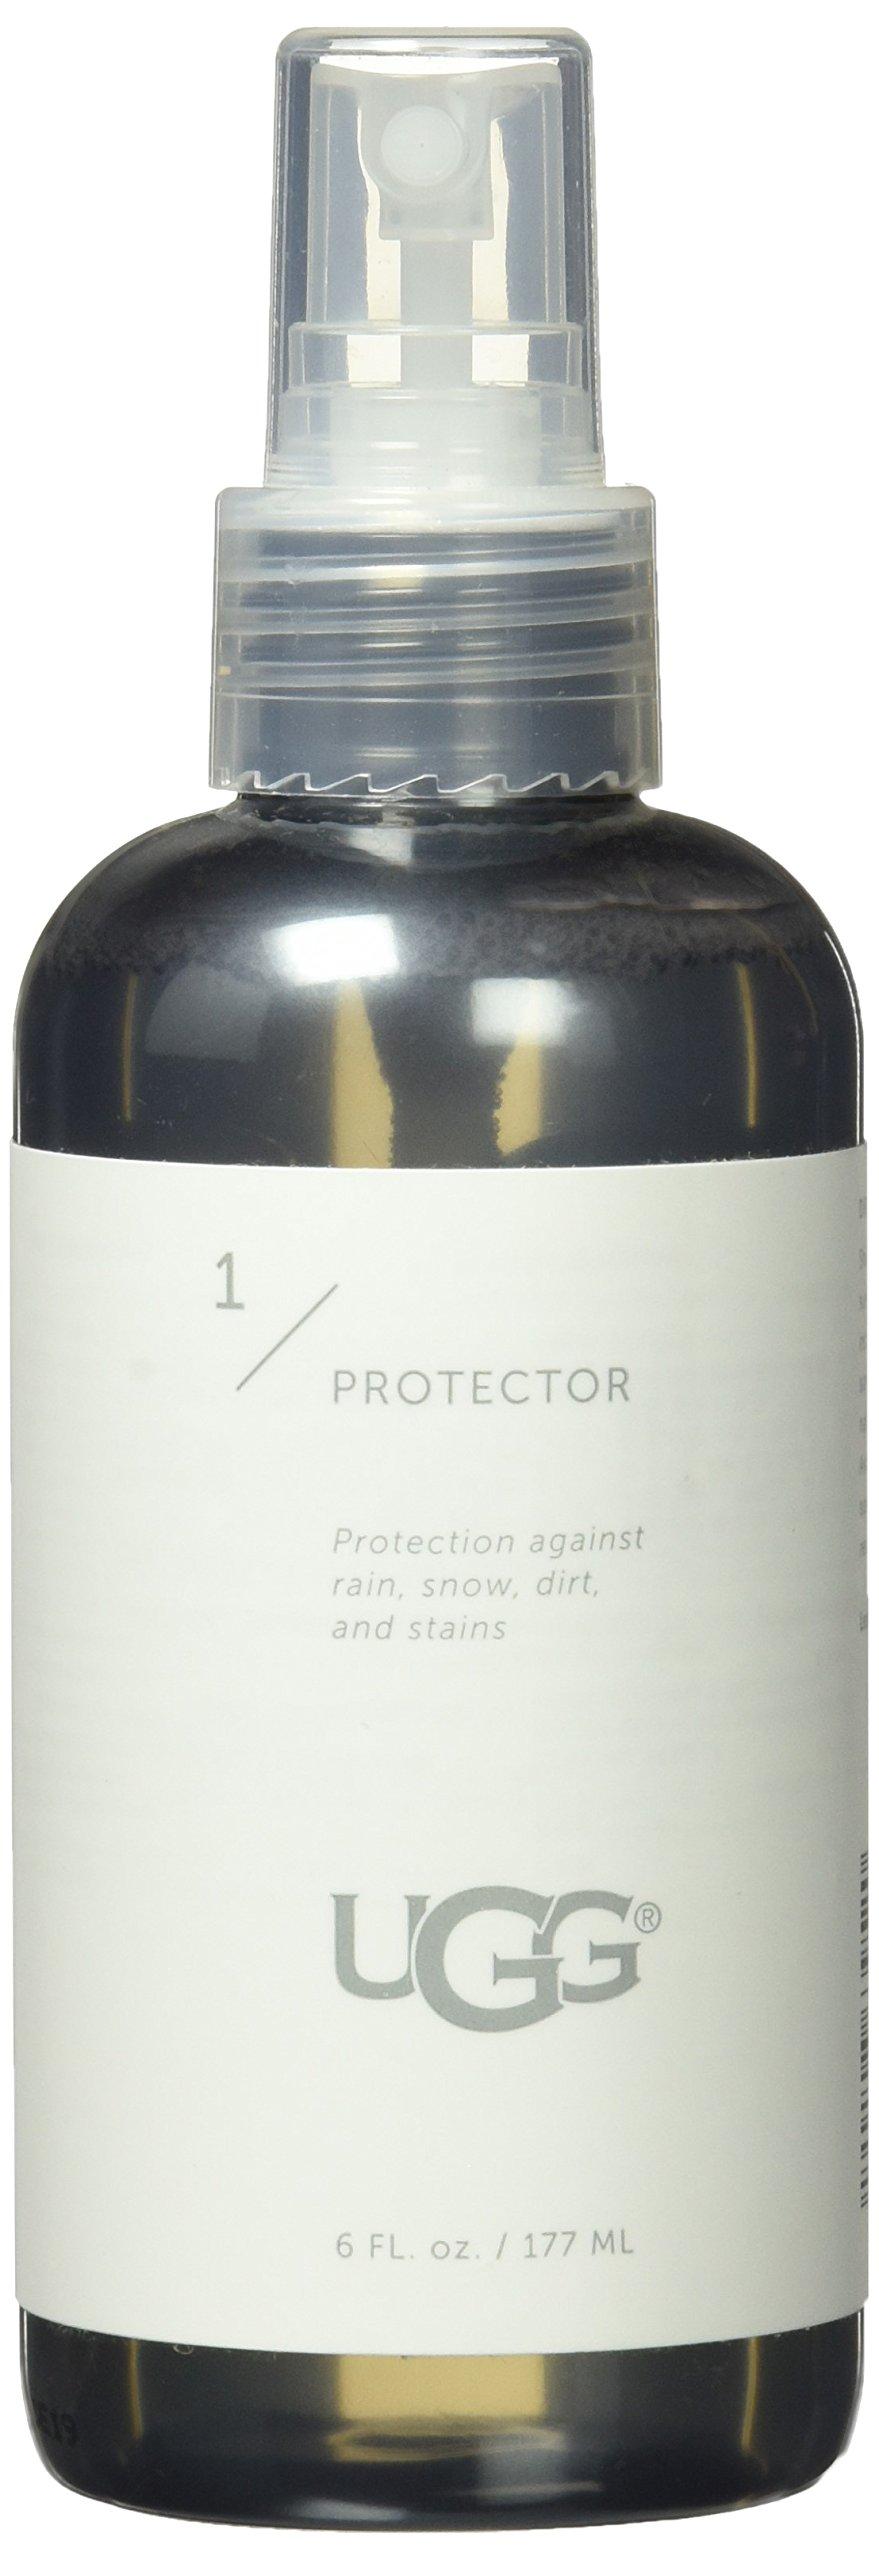 Ugg Ugg Protector Kit De Cuidado De Calzado